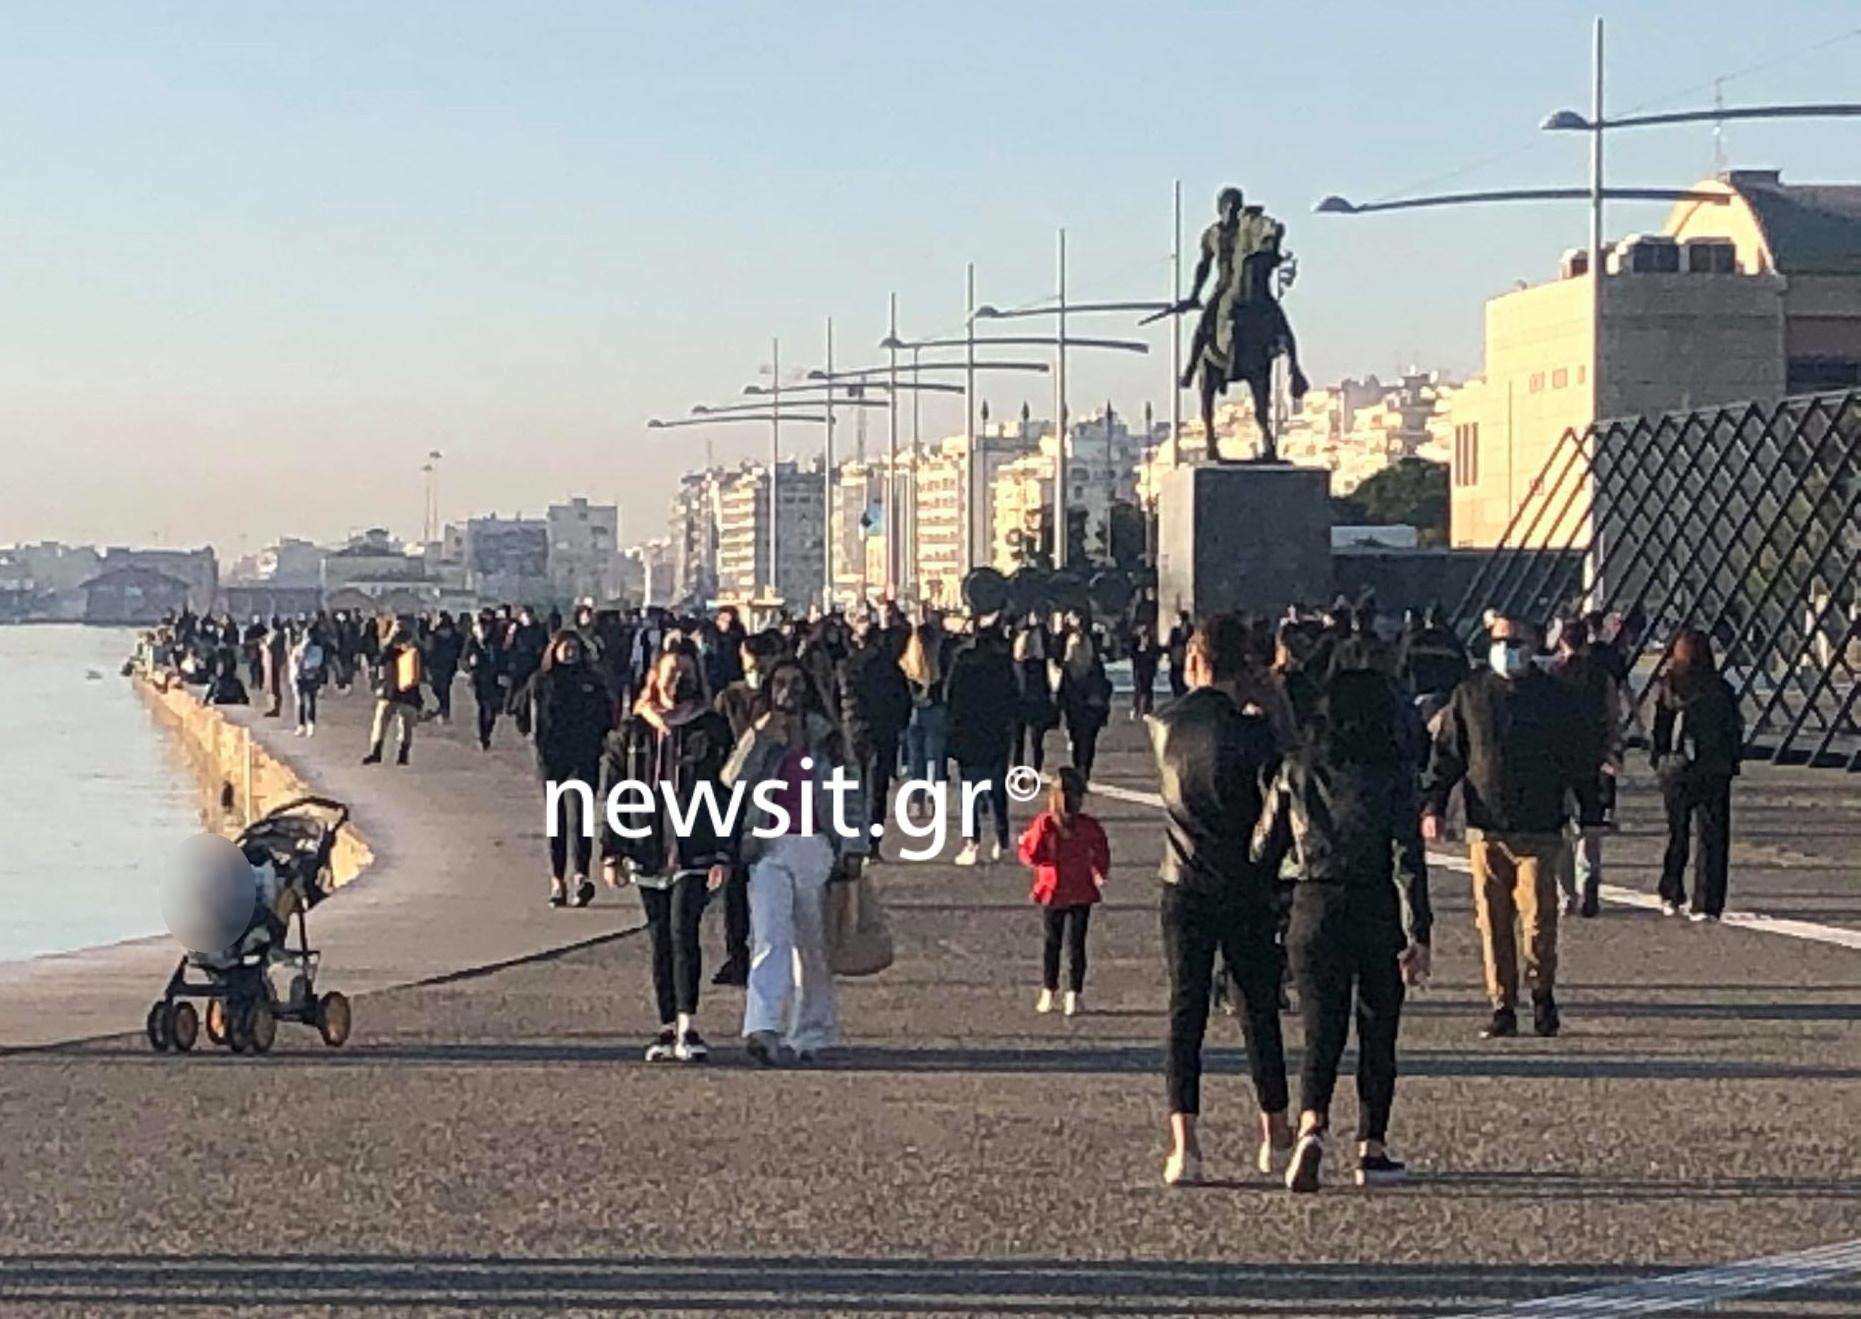 Θεσσαλονίκη: «Βούλιαξε» η παραλία παρά τις συστάσεις των ειδικών (pics)